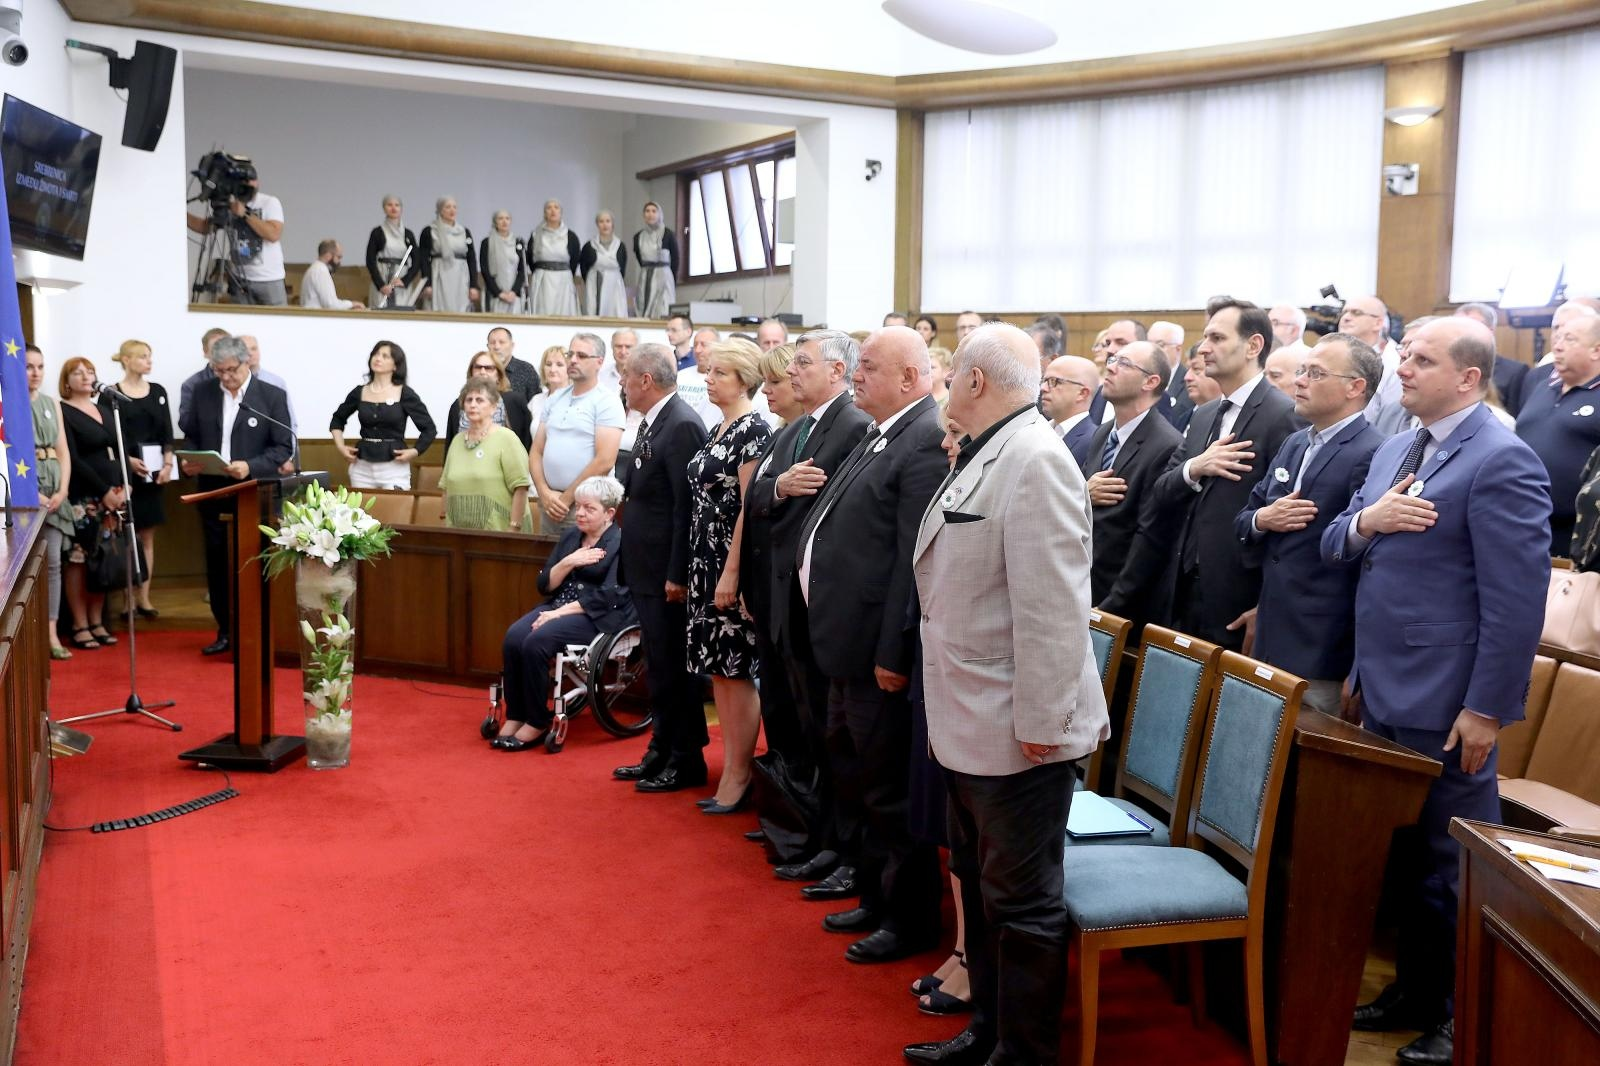 Željko Reiner: Istina je važna zbog žrtava, ali i zbog preživjelih i njihovih obitelji